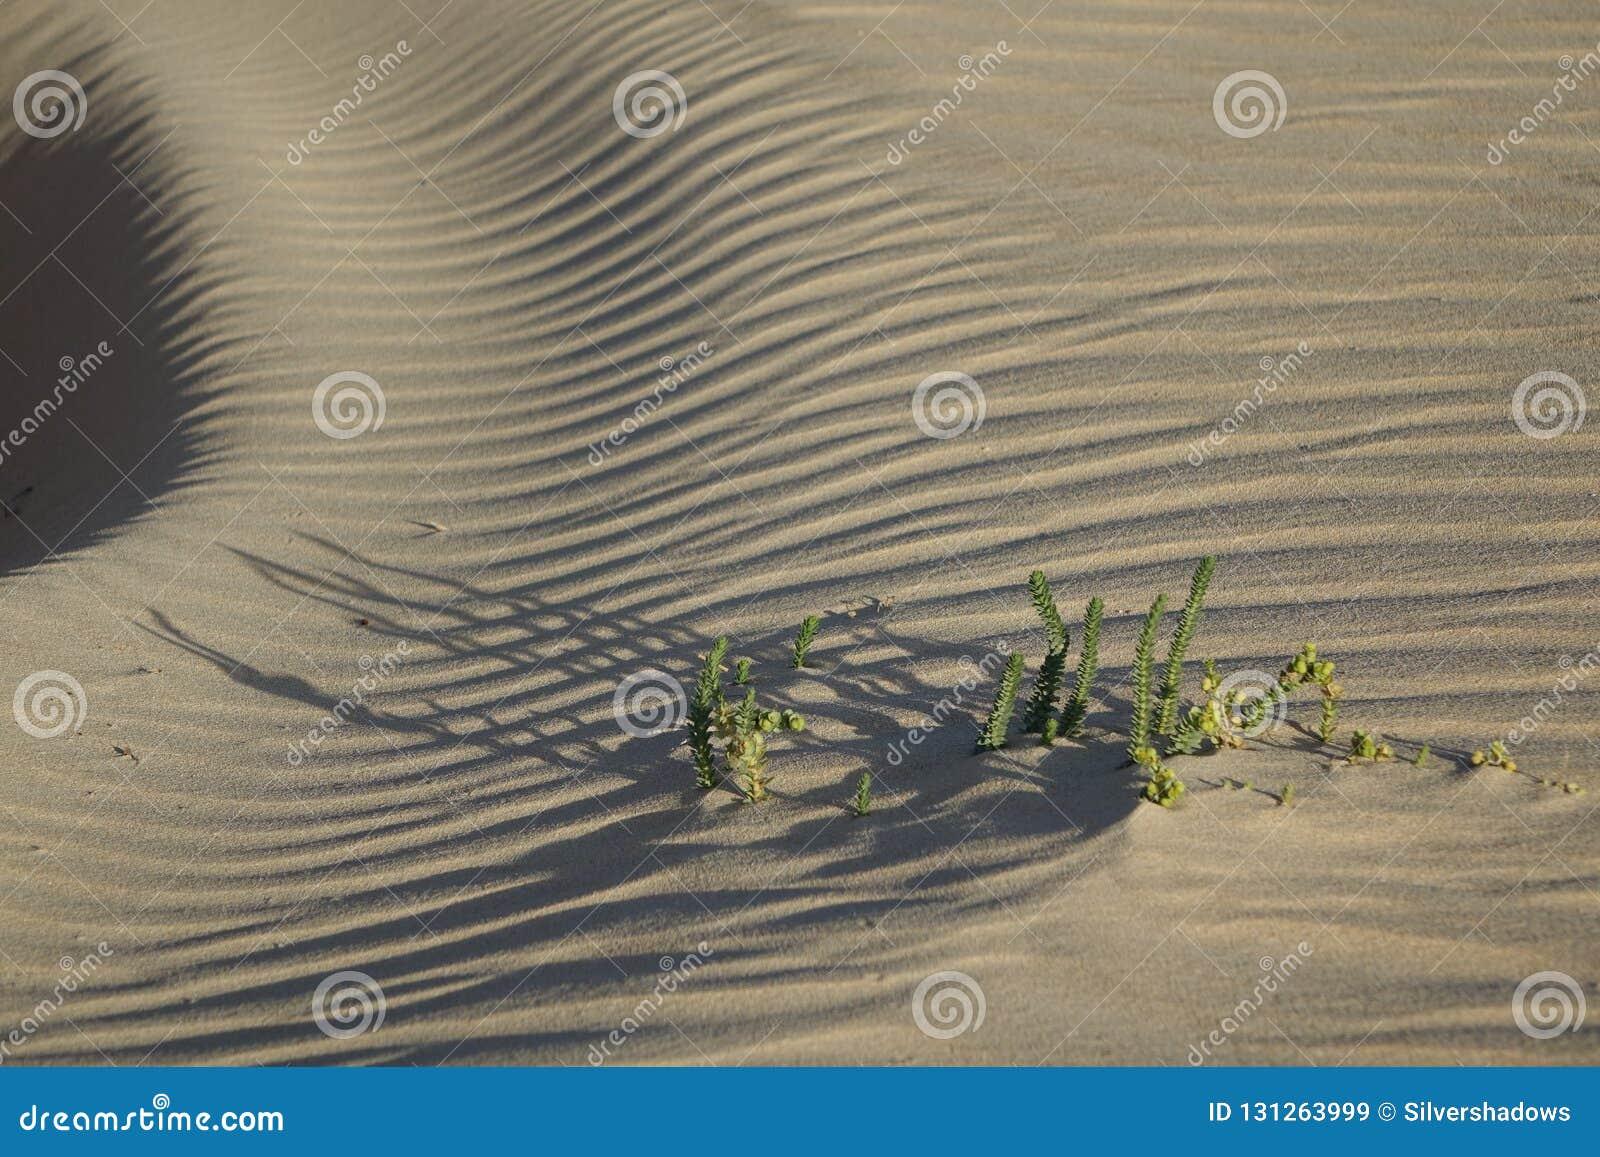 Lage zon recente middag, in het natuurreservaat, Corralejo, Fuertevent